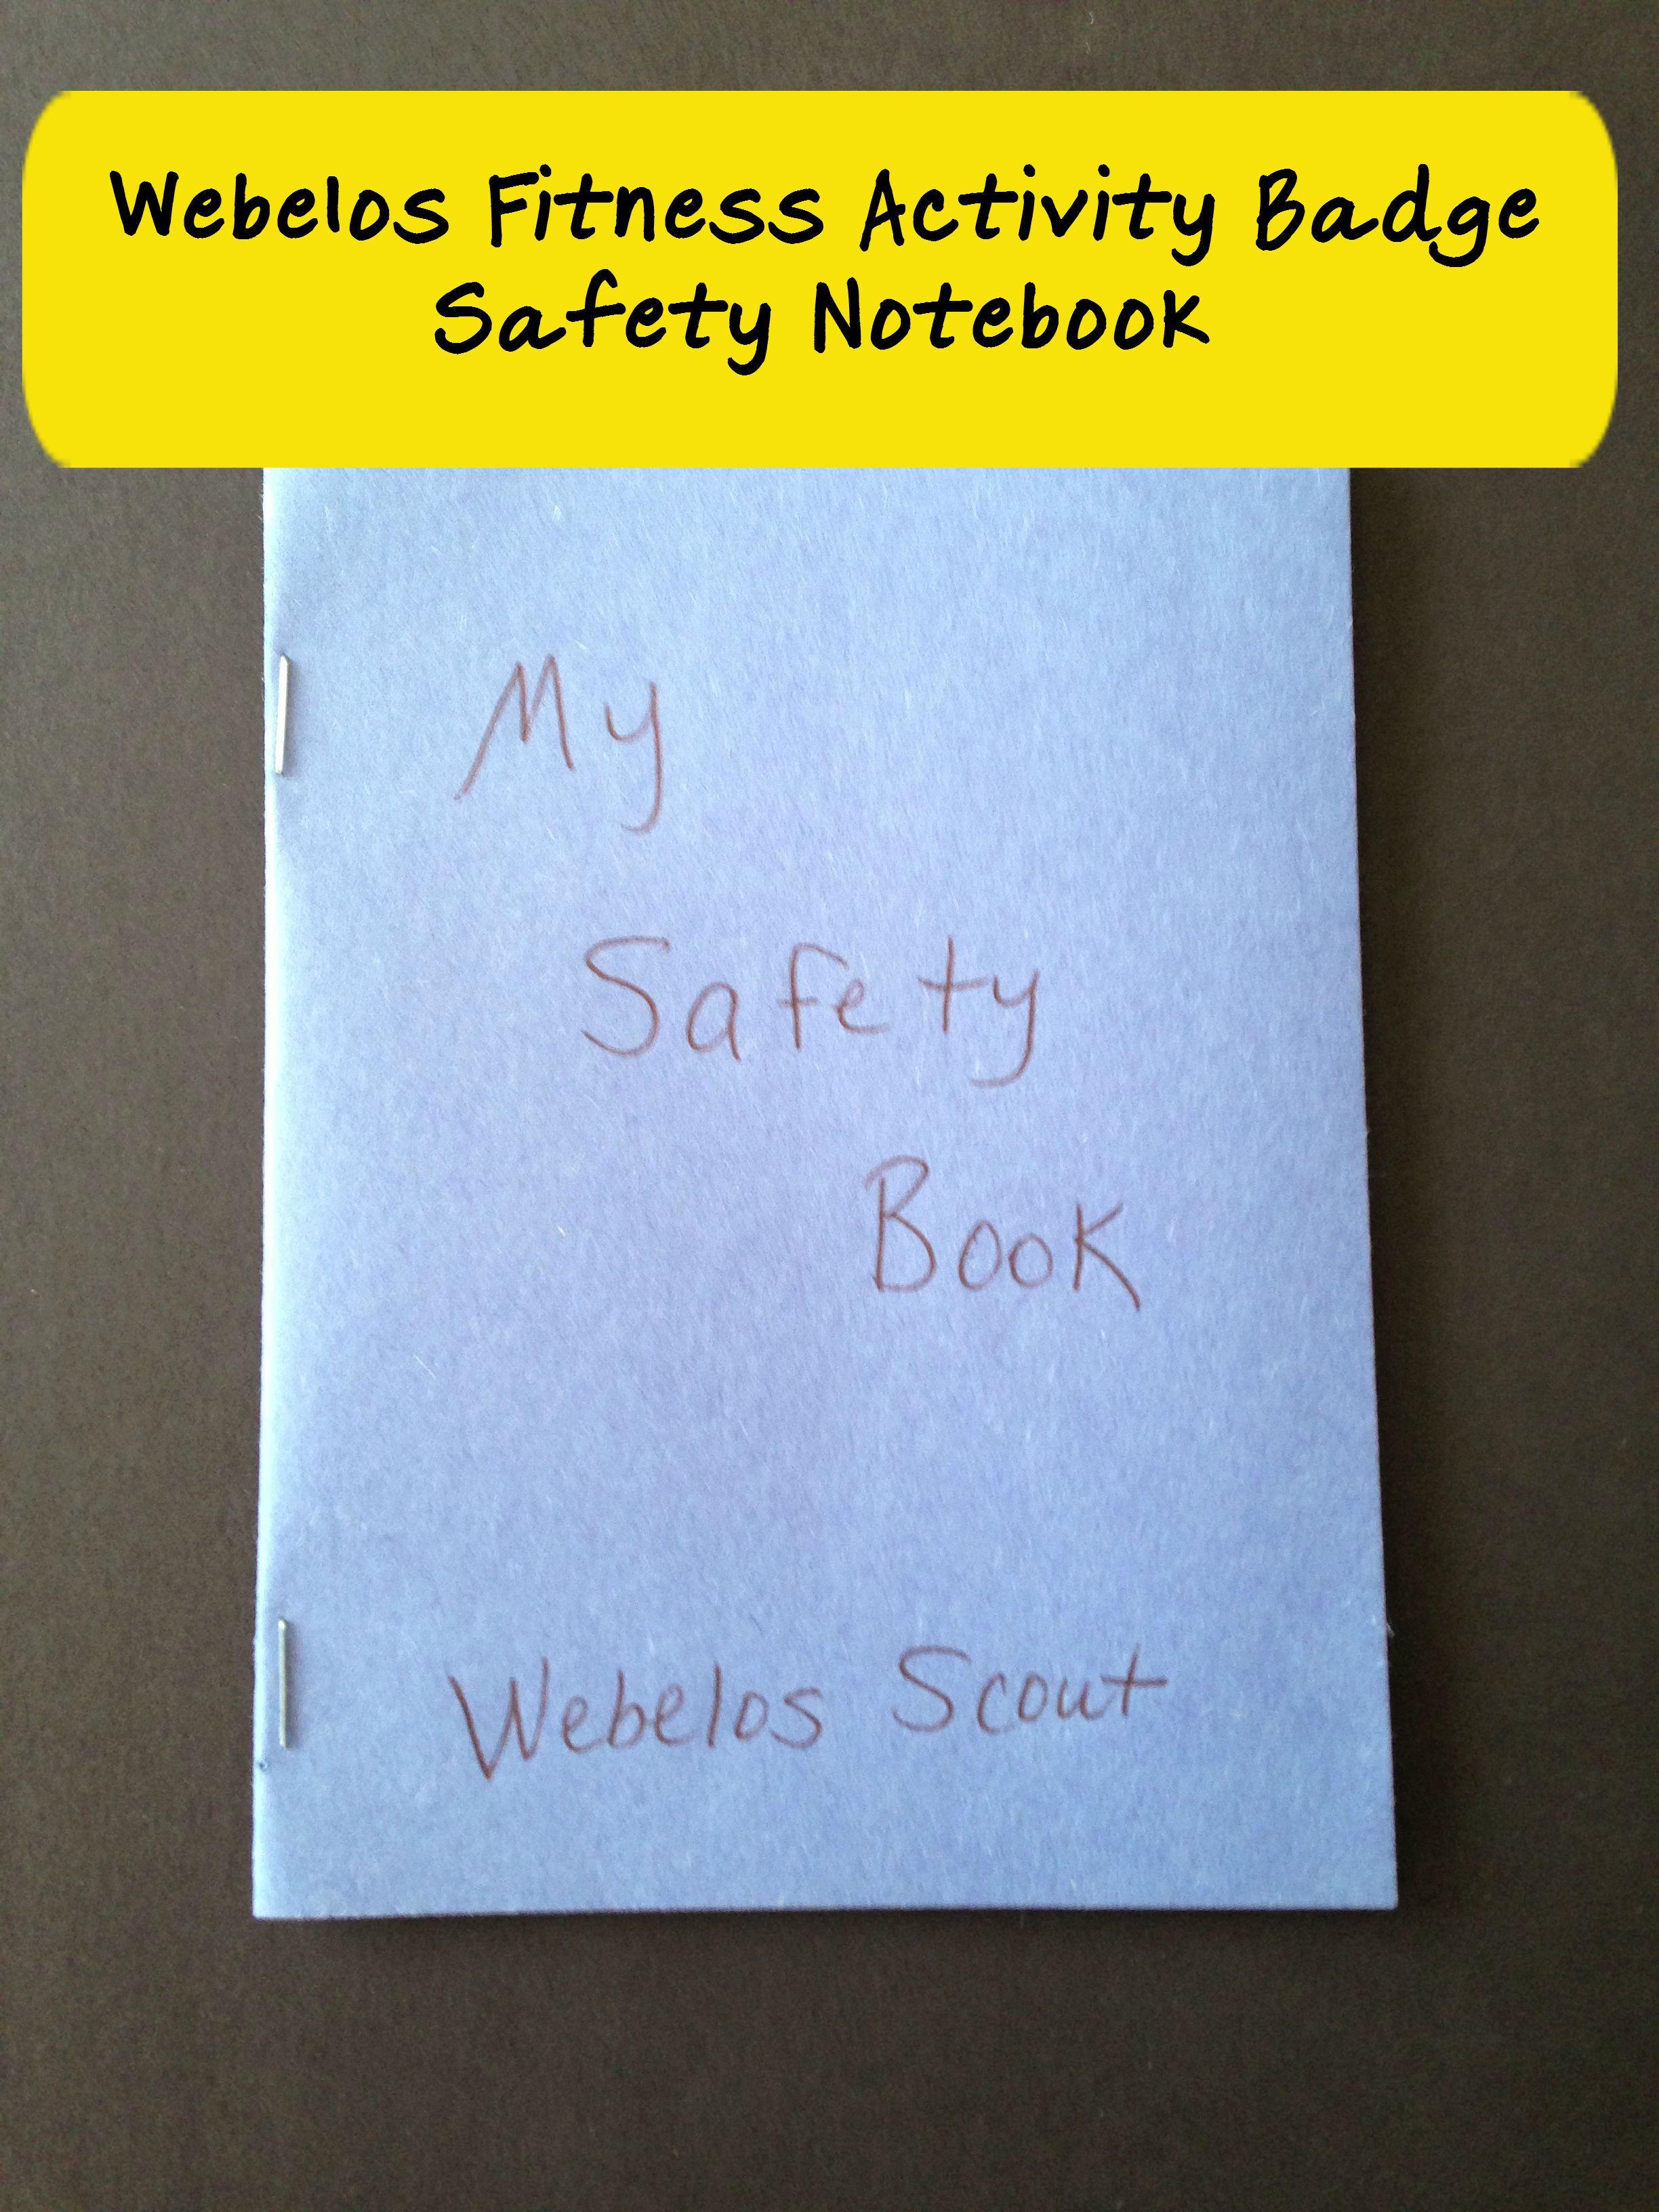 Webelos Fitness Worksheet Free Worksheets Library – Webelos Fitness Worksheet